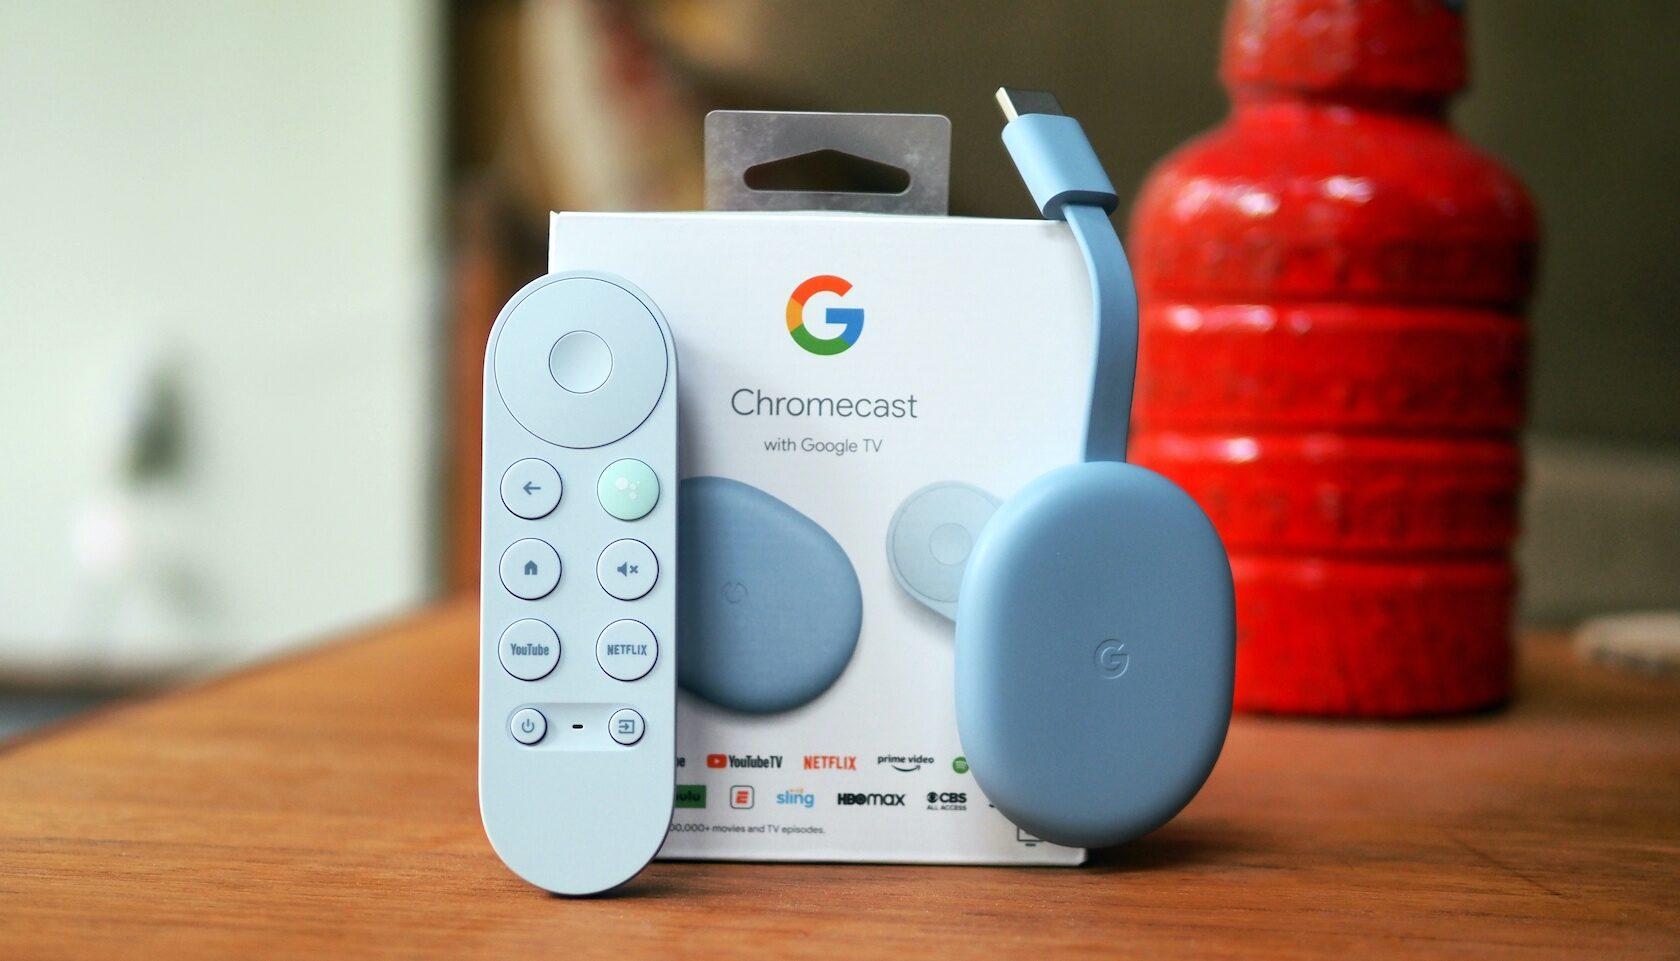 Cùng khám phá Android TV là gì và các tính năng đặc biệt của nó 13